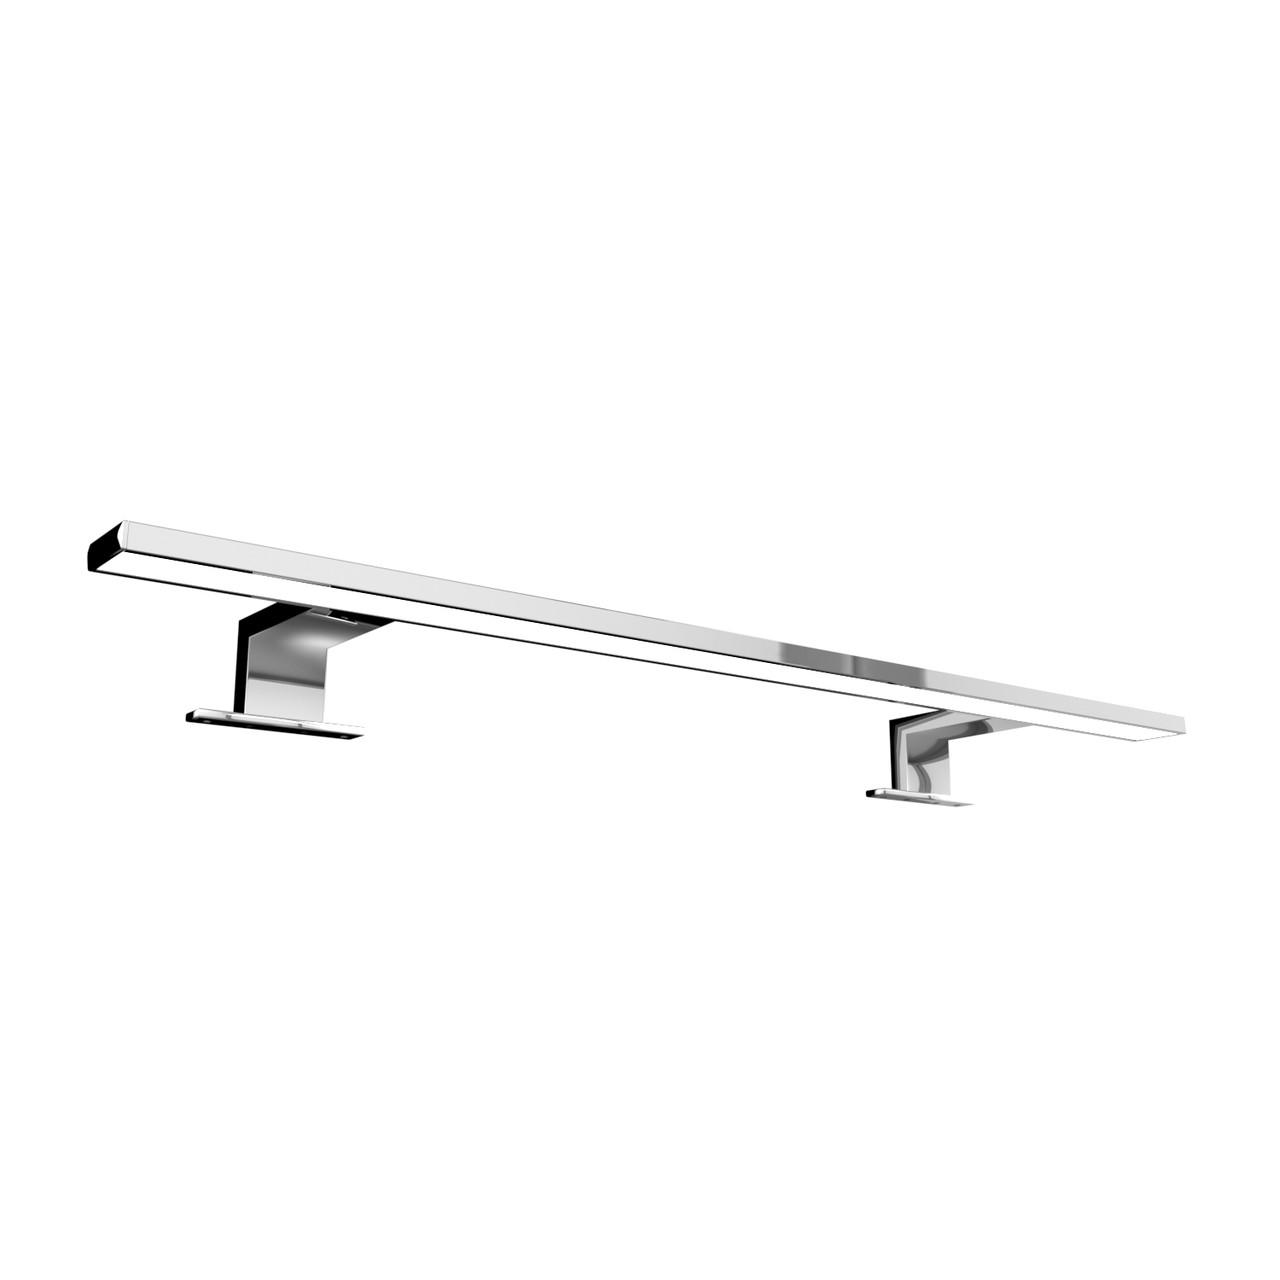 Светильник LED для ванной Sanwerk «SMART» AL 60 см